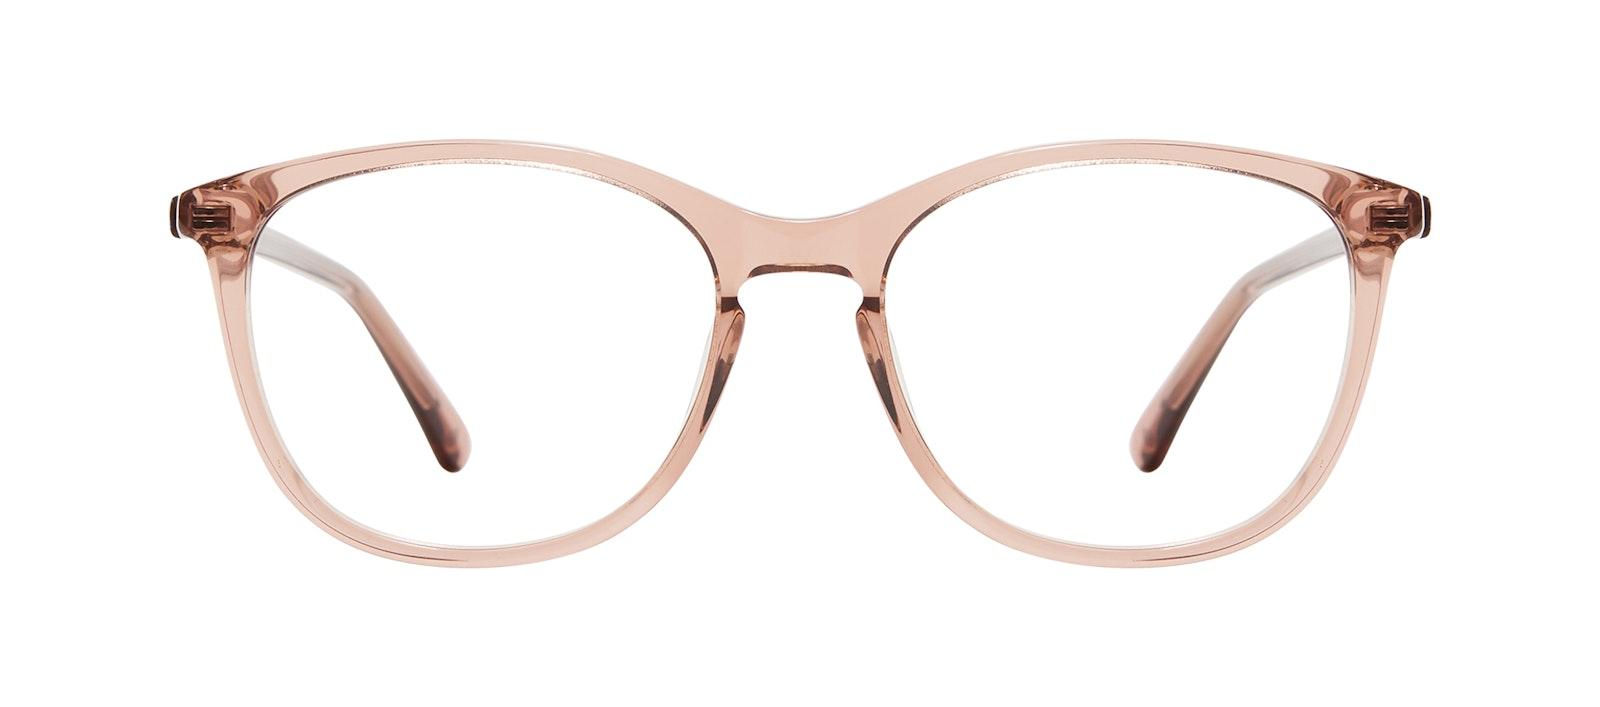 Lunettes tendance Rectangle Carrée Ronde Lunettes de vue Femmes Nadine XL Rose Face